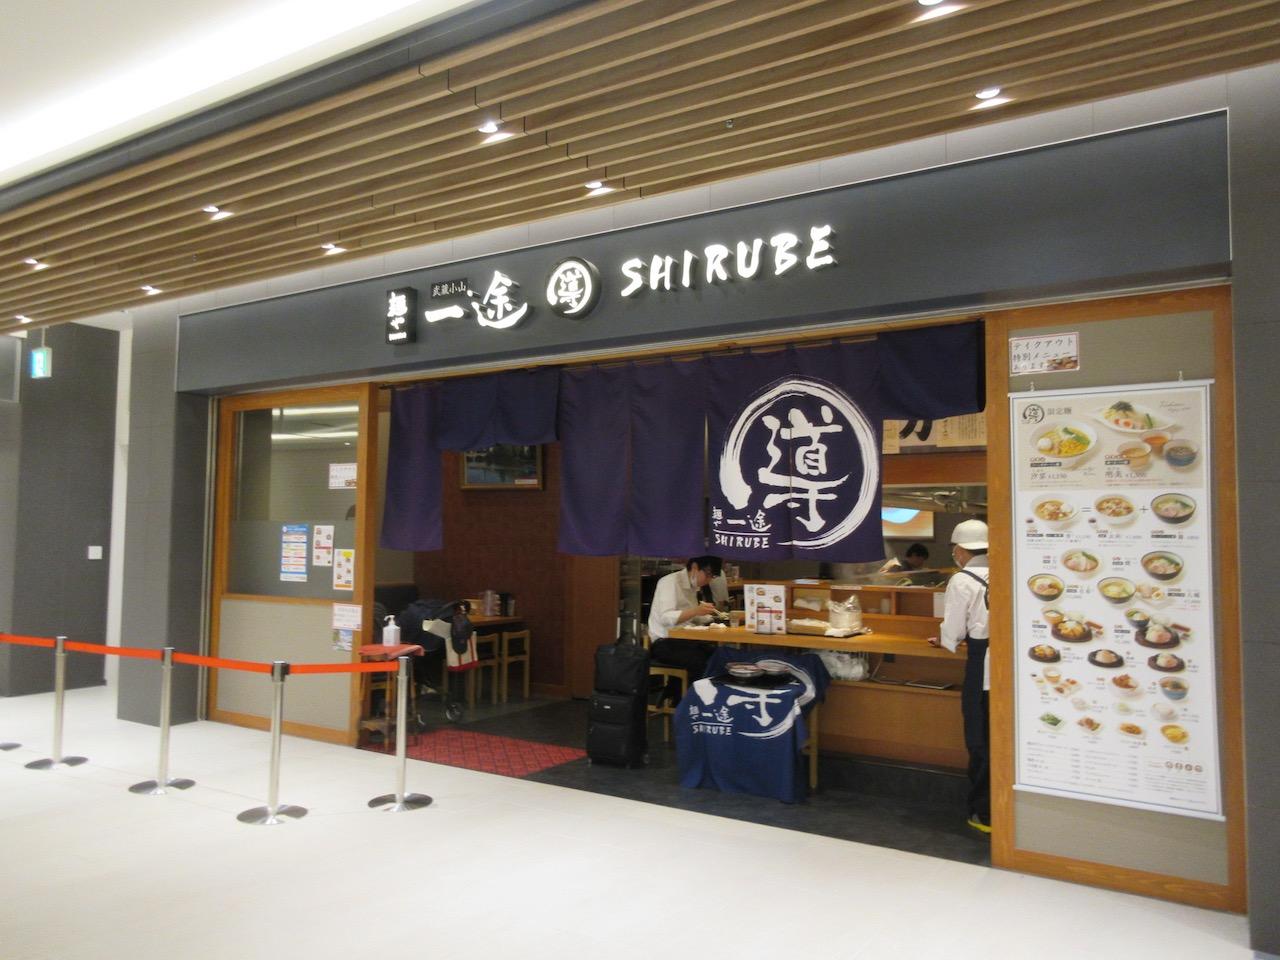 麺や一途 導(shirube)